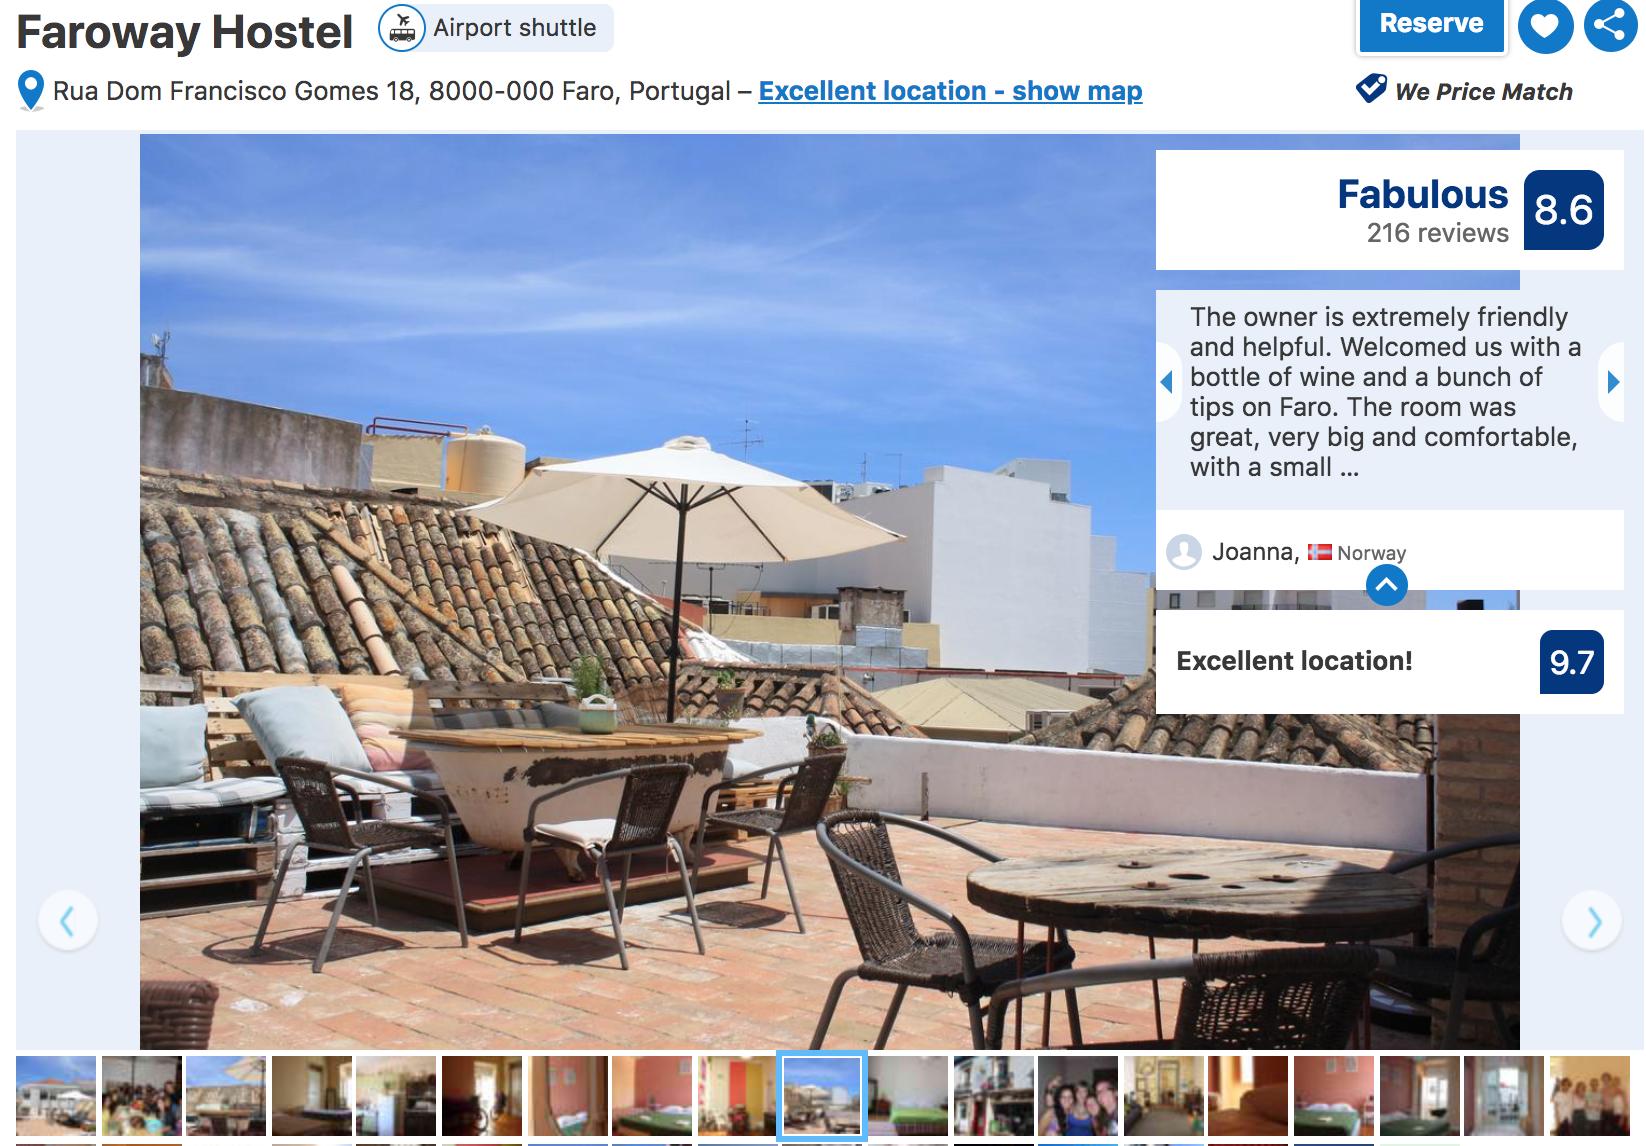 Budget Hotel in Faro - Hostels in Faro